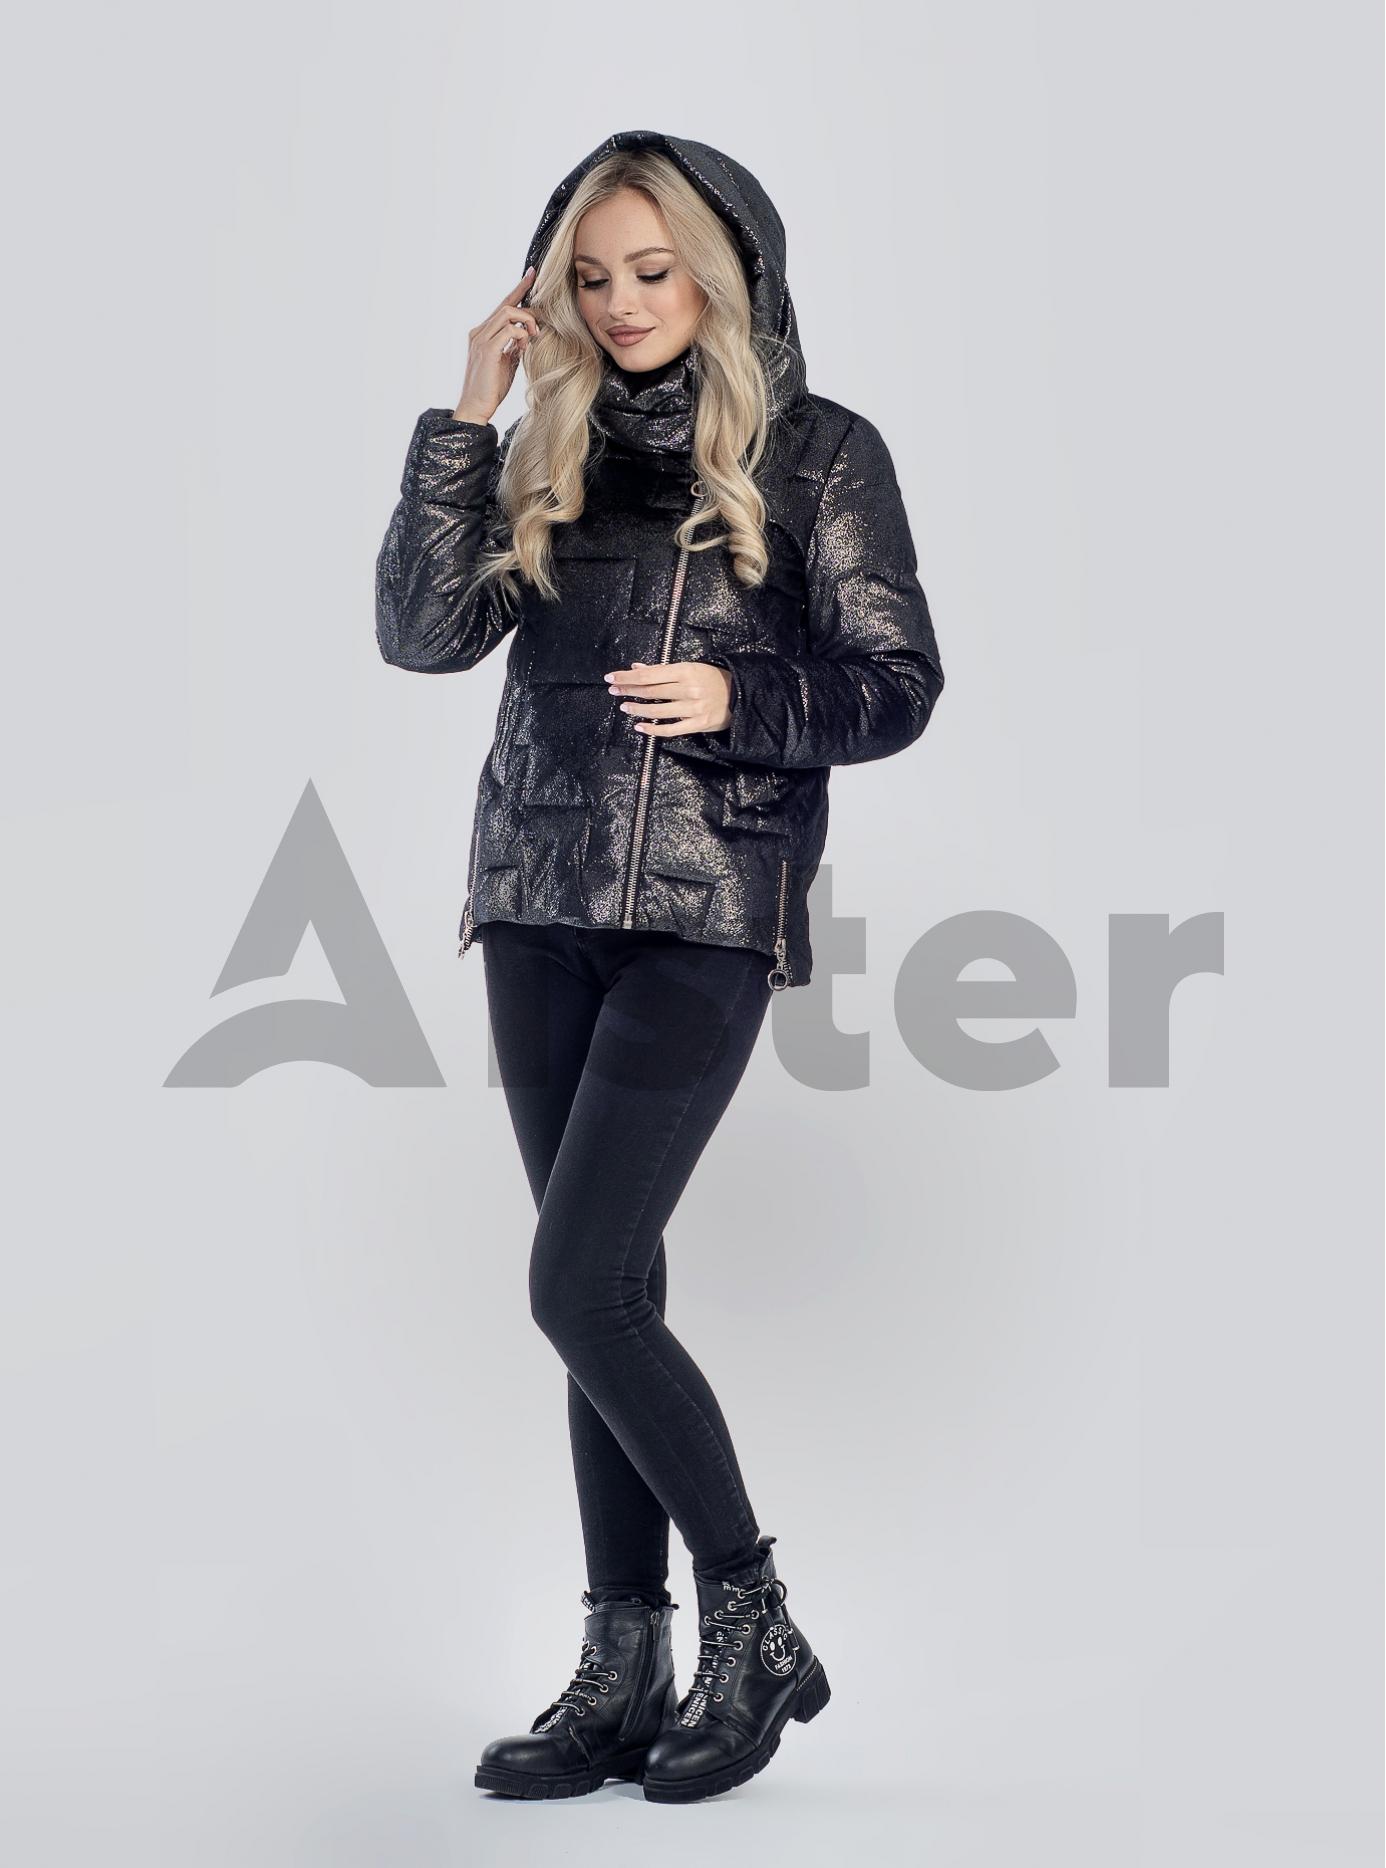 Зимова жіноча куртка Чорний 2XL (05-SV201246): фото - Alster.ua